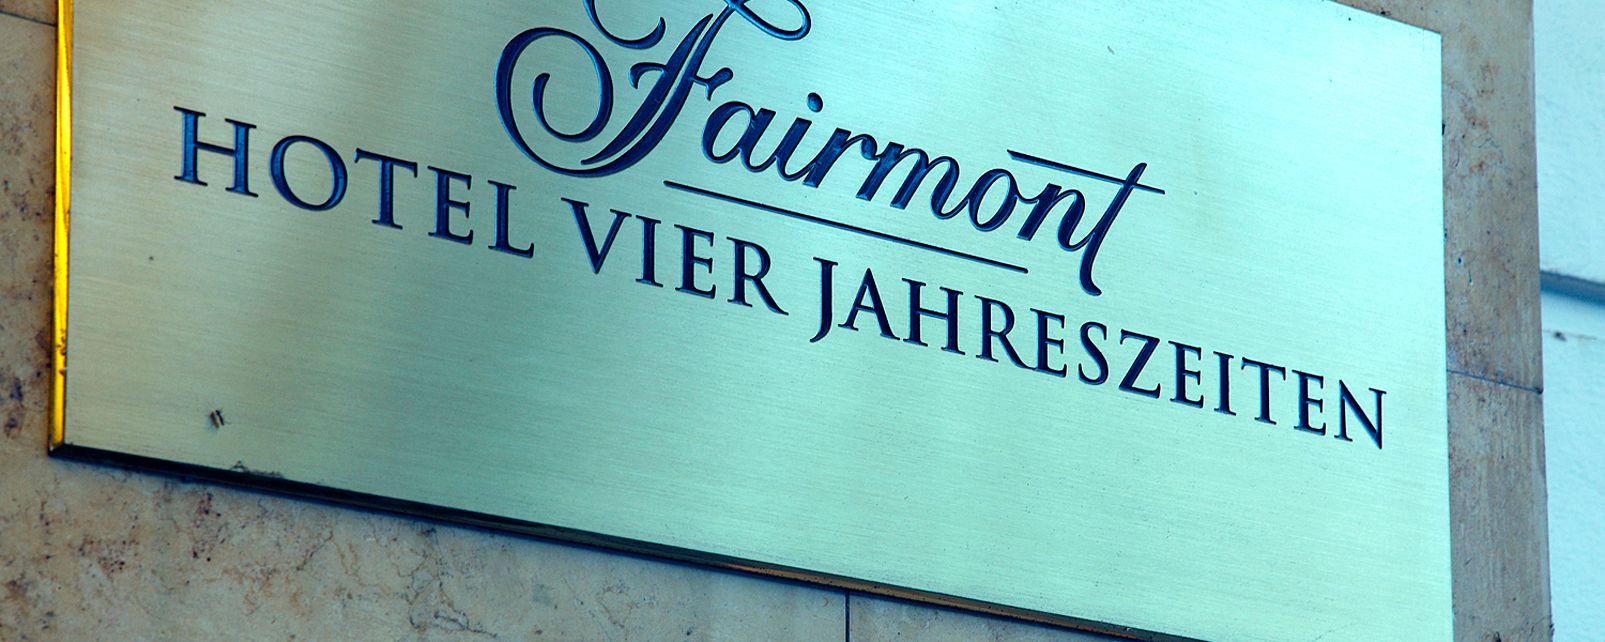 Hotel Fairmont Hotel Vier Jahreszeiten Hamburg